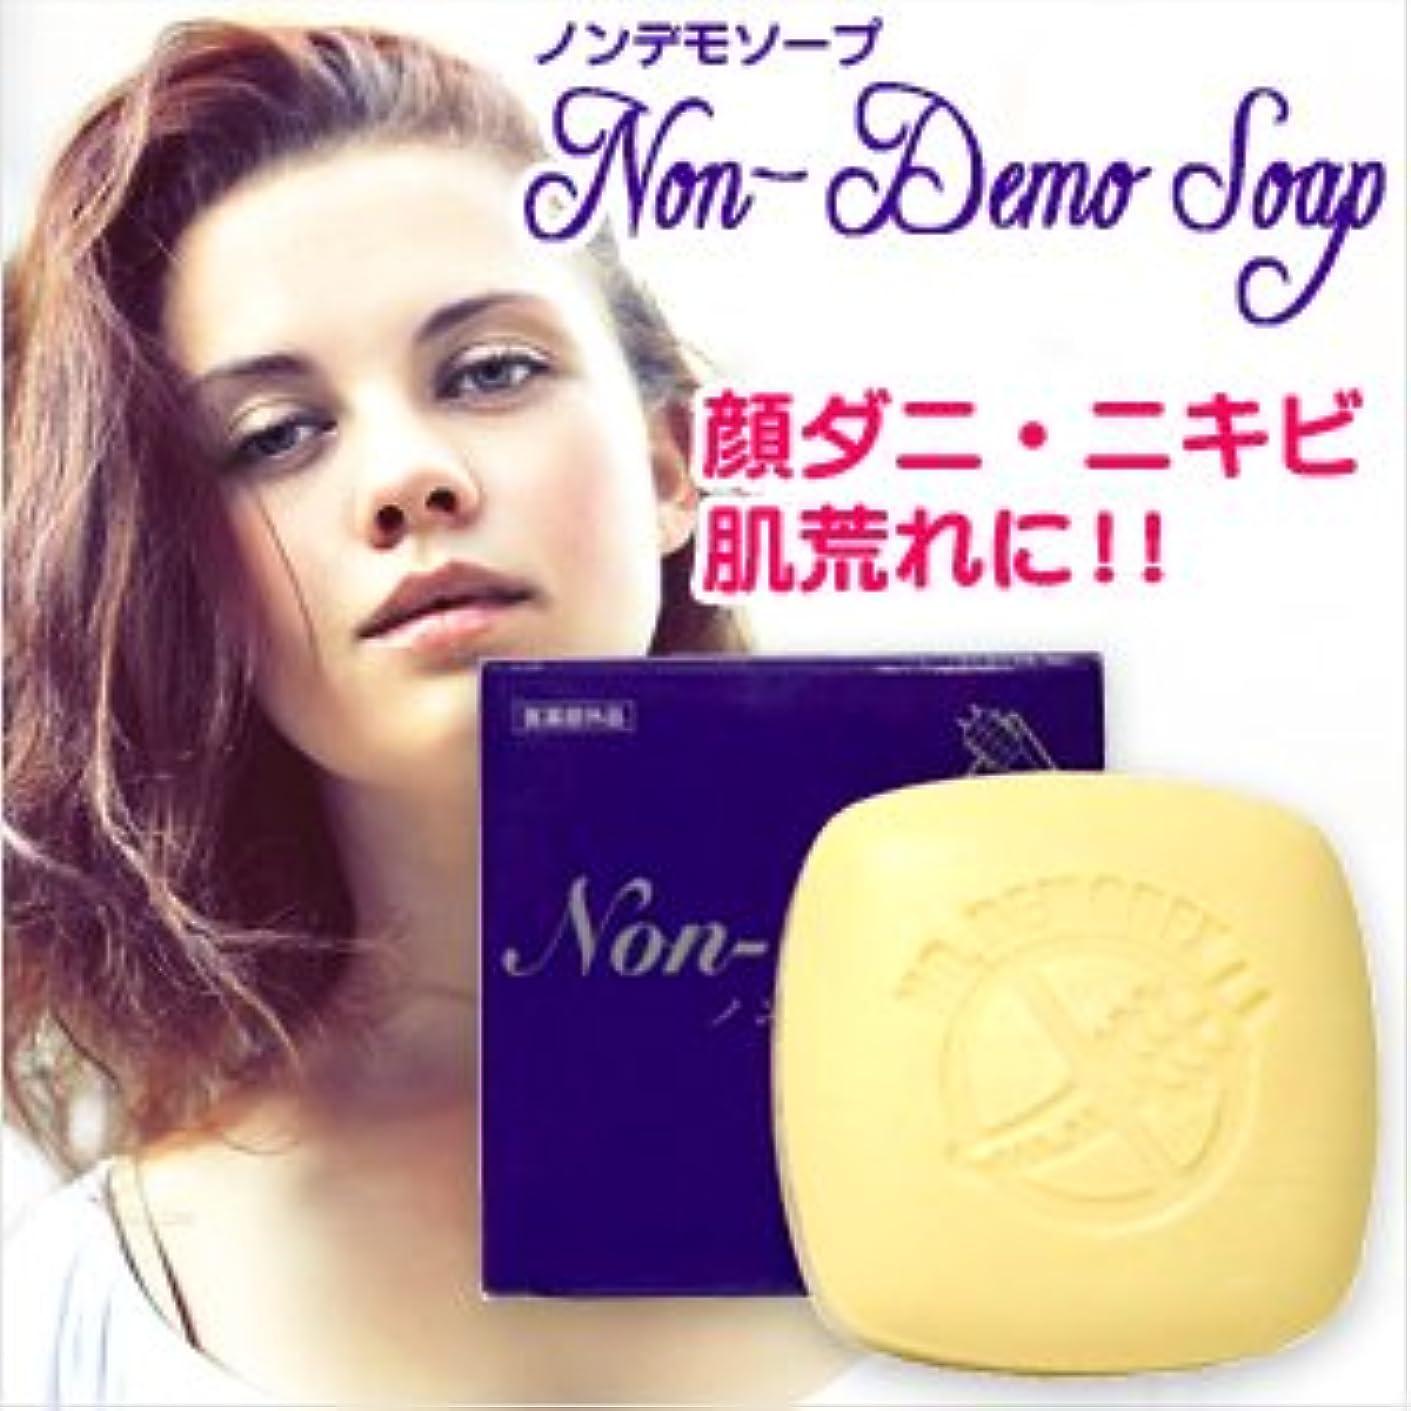 無効子羊廃止(医薬部外品) 顔ダニ石鹸 ノンデモソープ (Non-Demo Soap) 130g